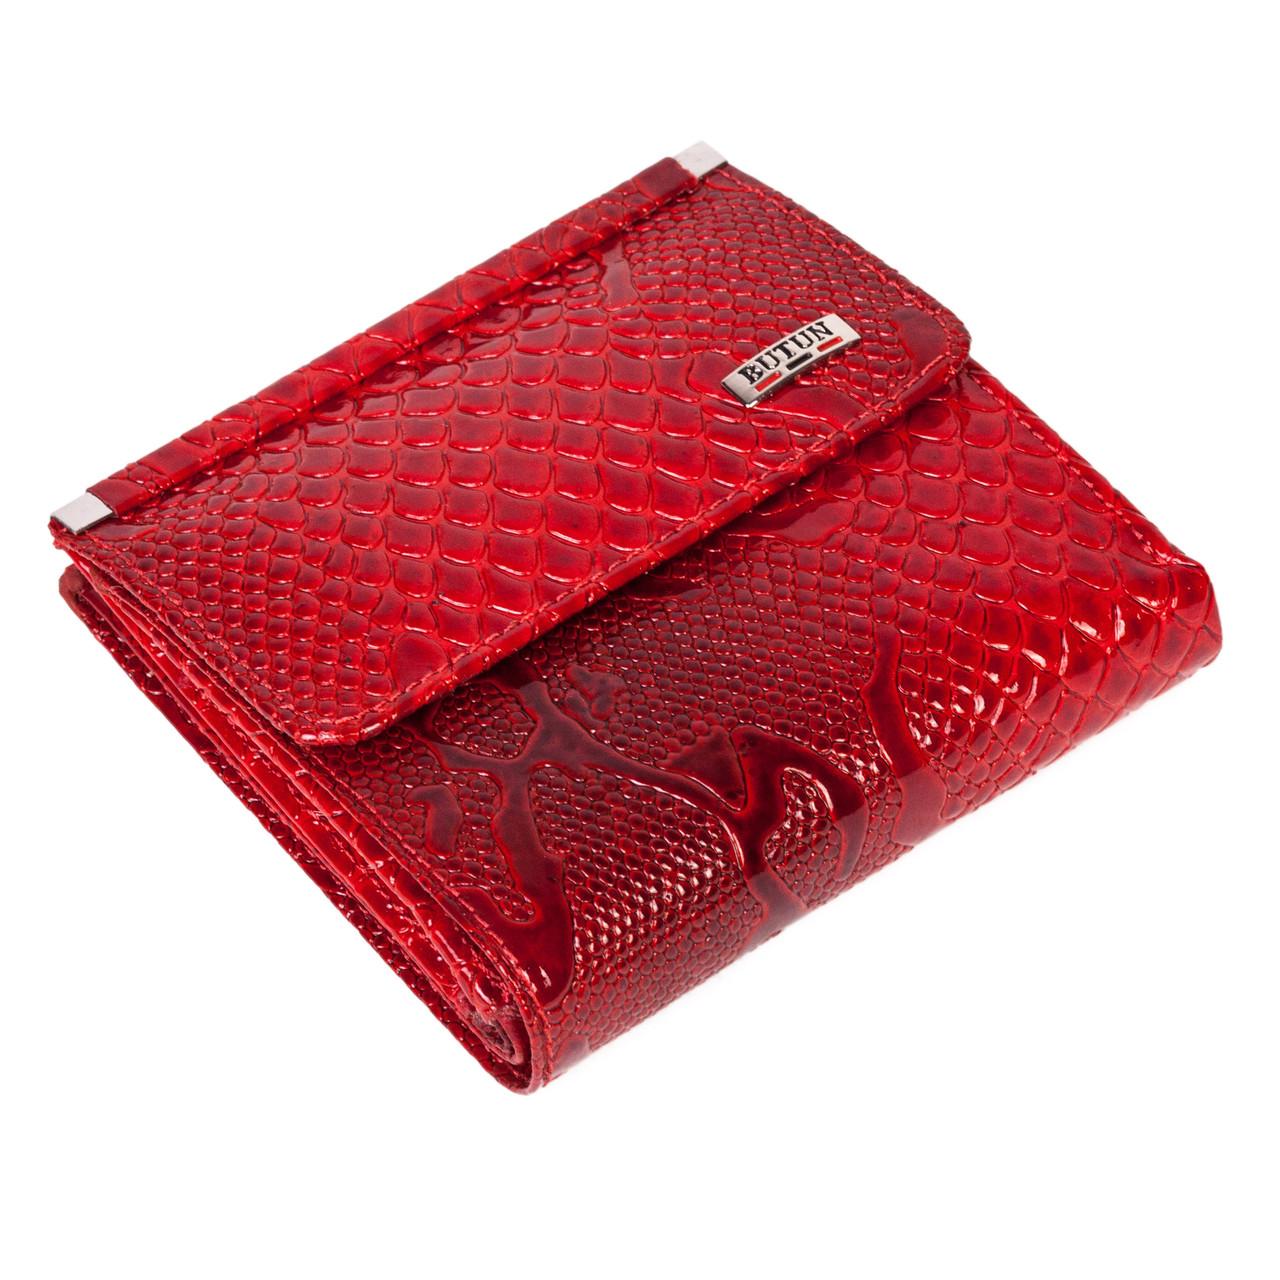 Женский кошелек BUTUN 590-008-006 кожаный красный